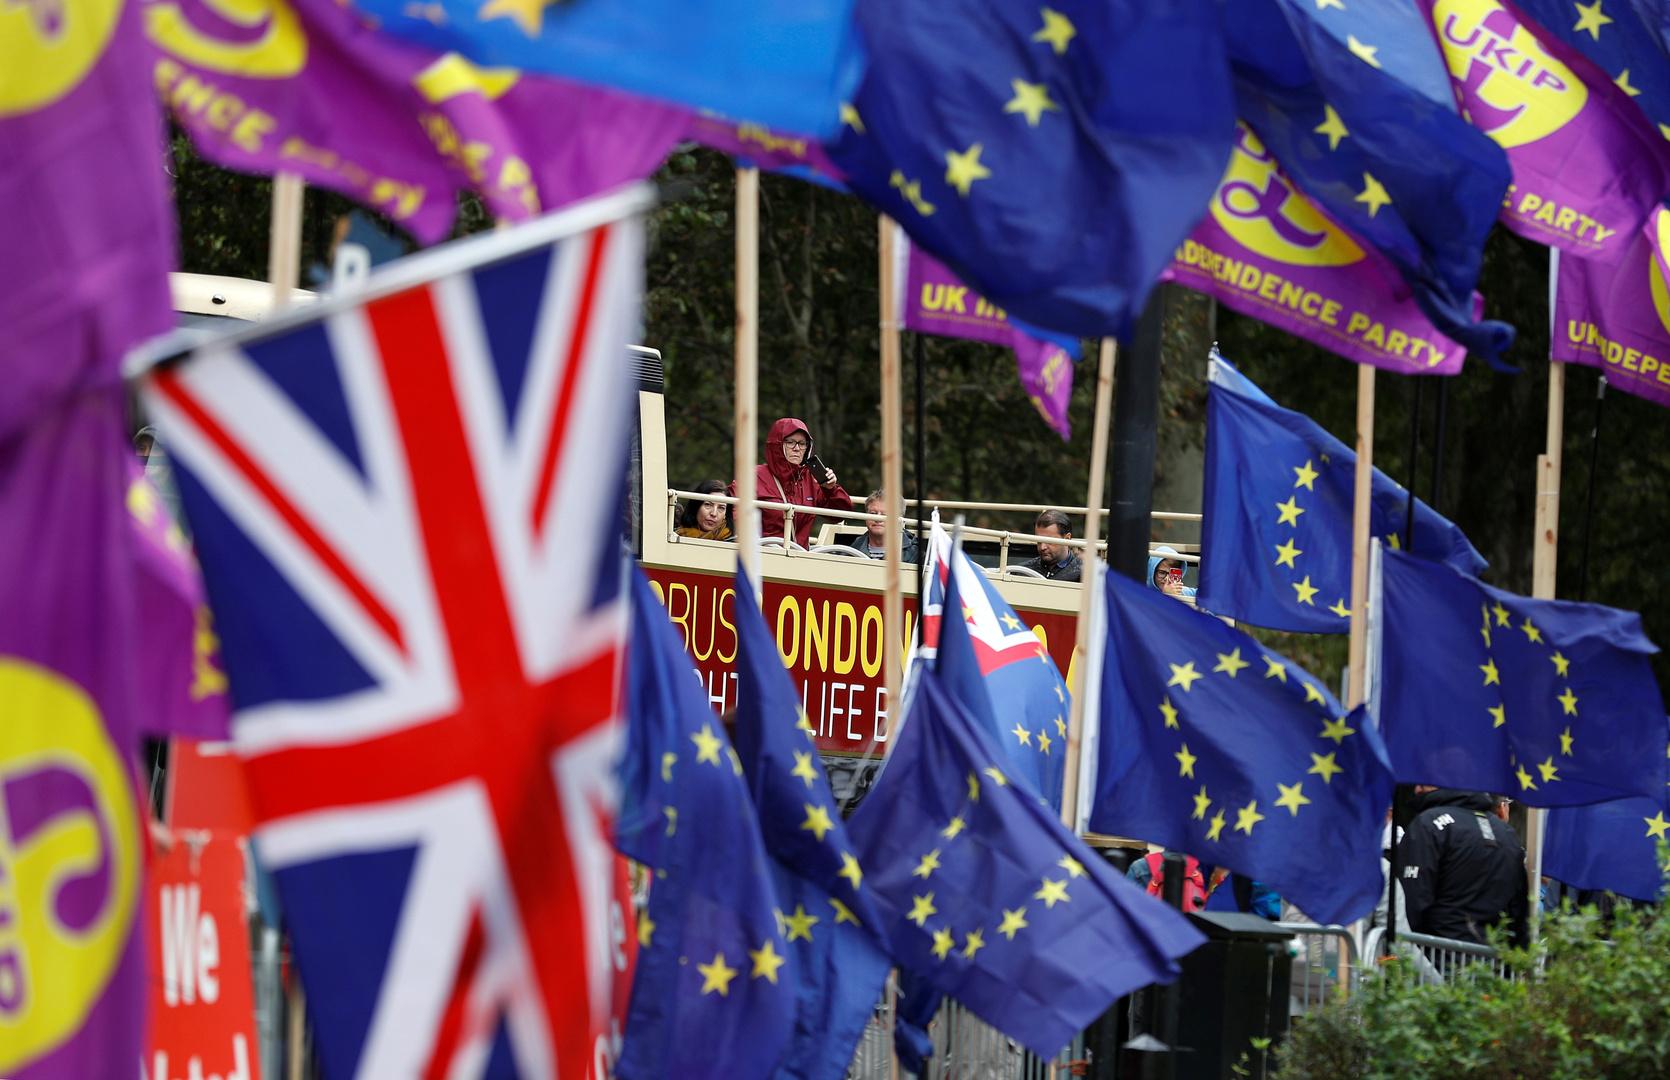 وسائل إعلام: بريطانيا بصدد ترهيب الصيادين الفرنسيين في القنال الإنجليزي